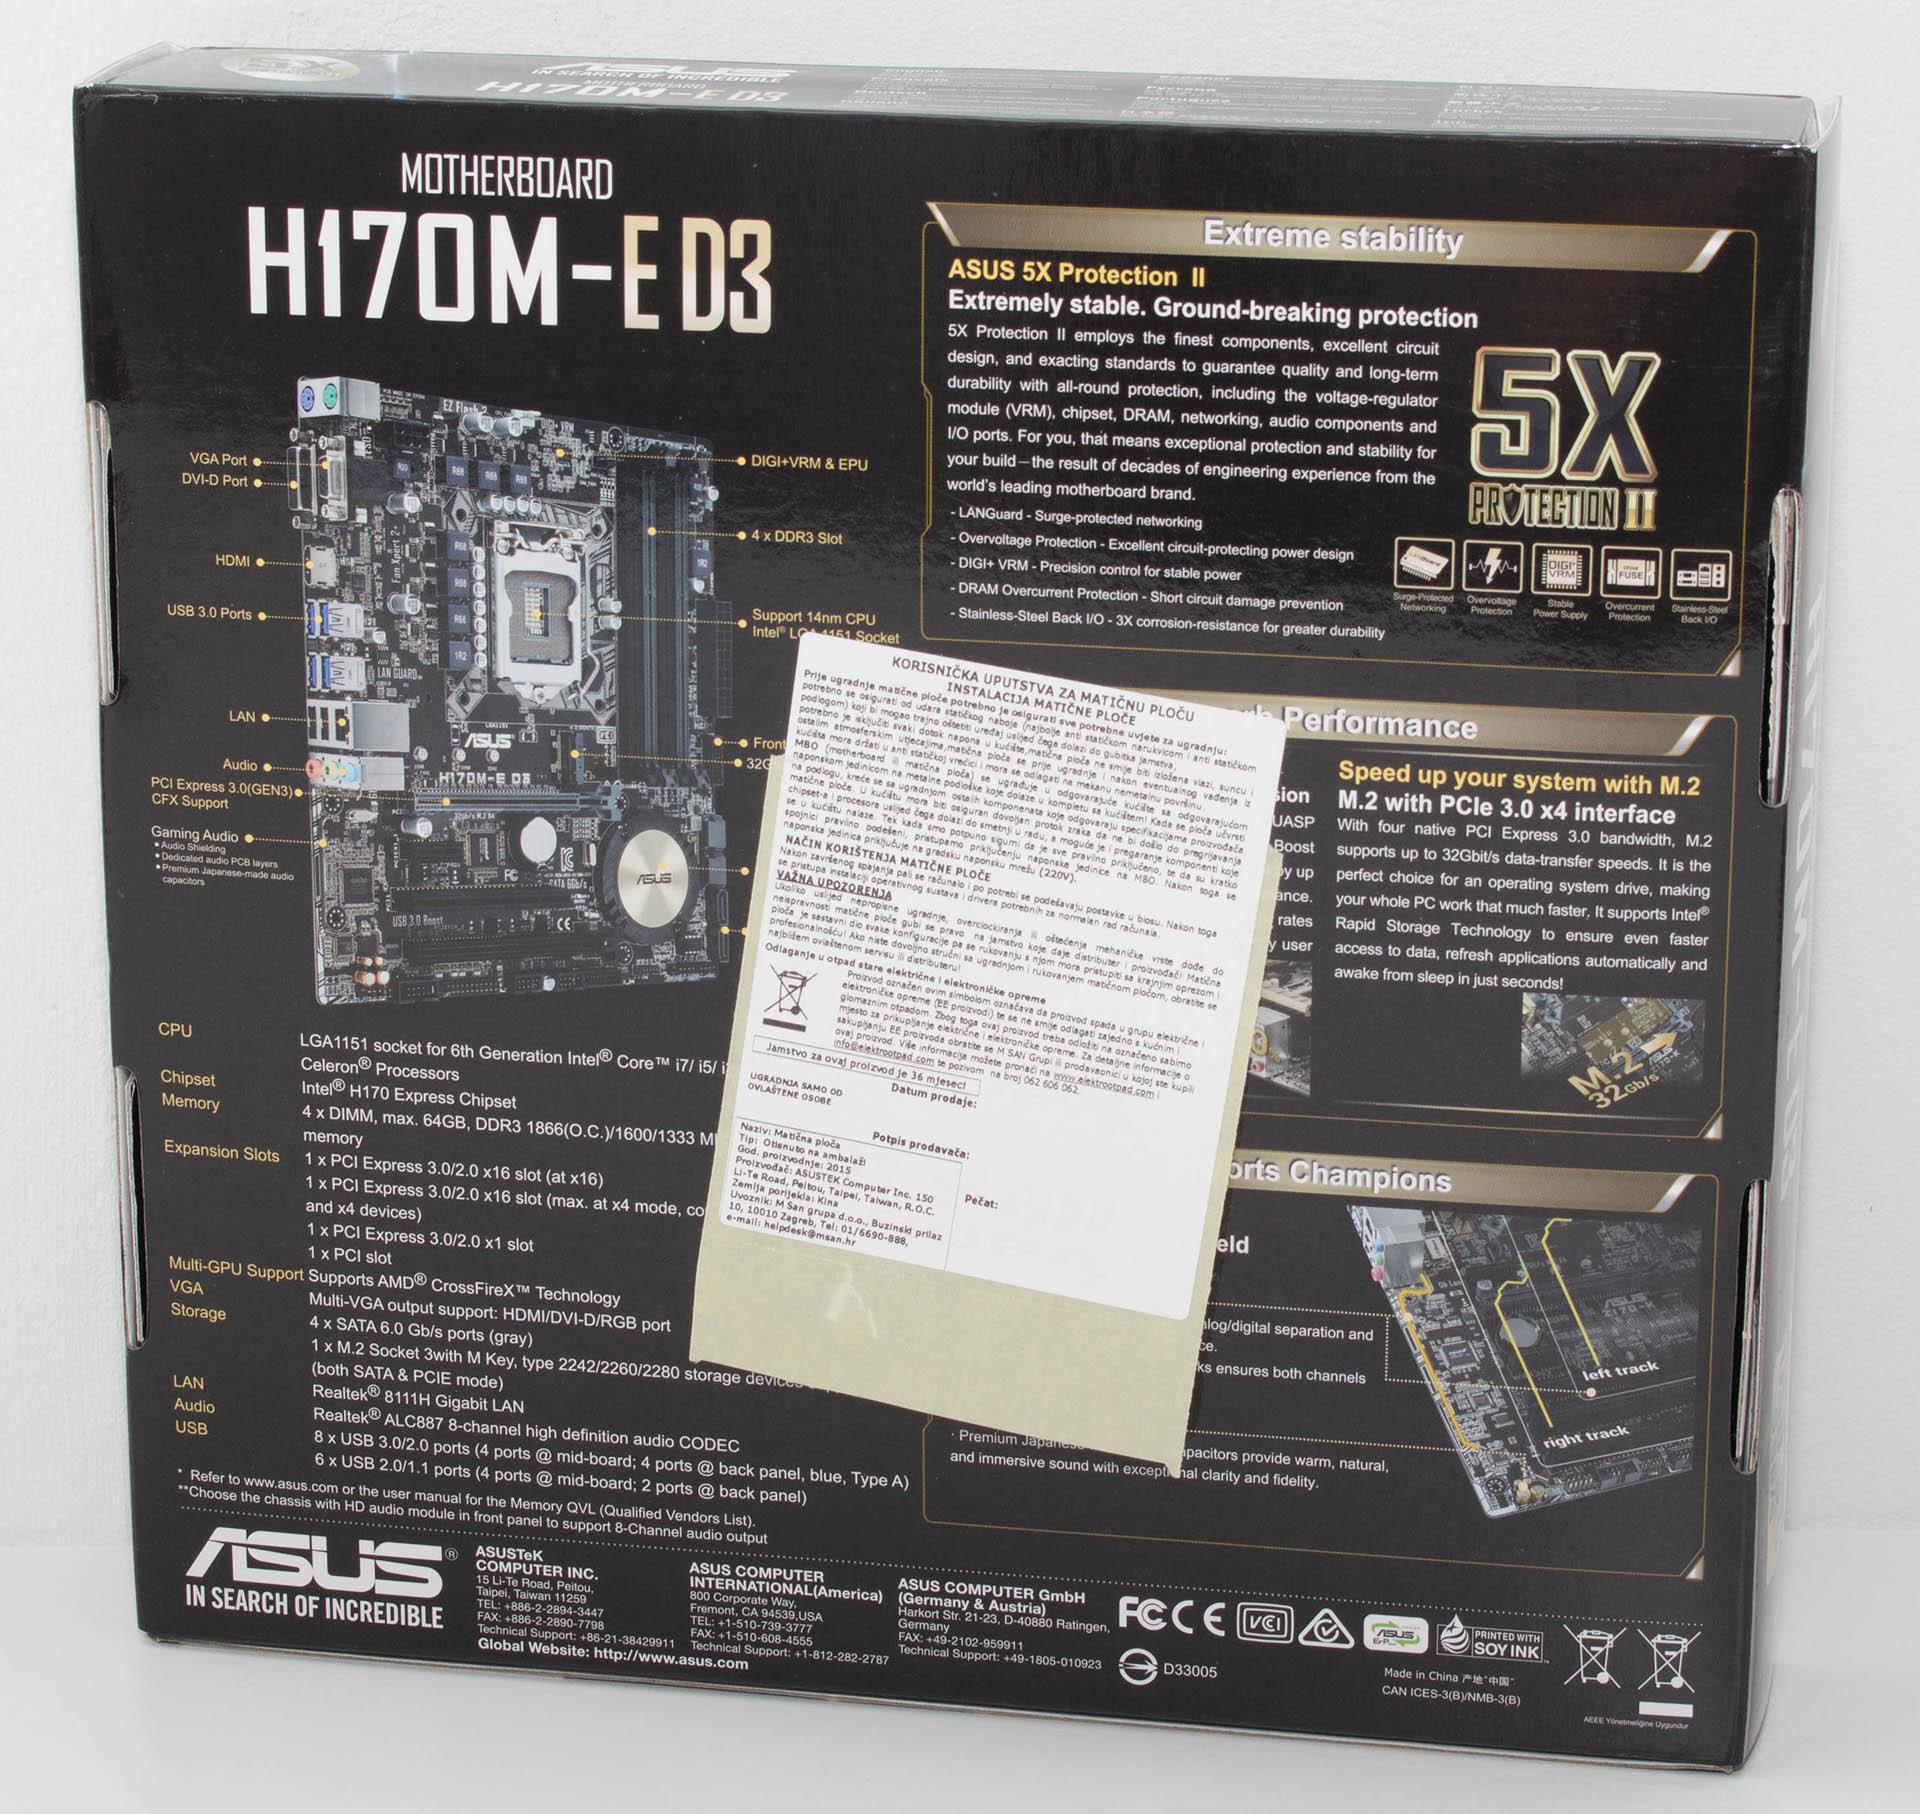 PC Ekspert - Hardware EZine - ASUS H170M-E D3 & Z170-A test